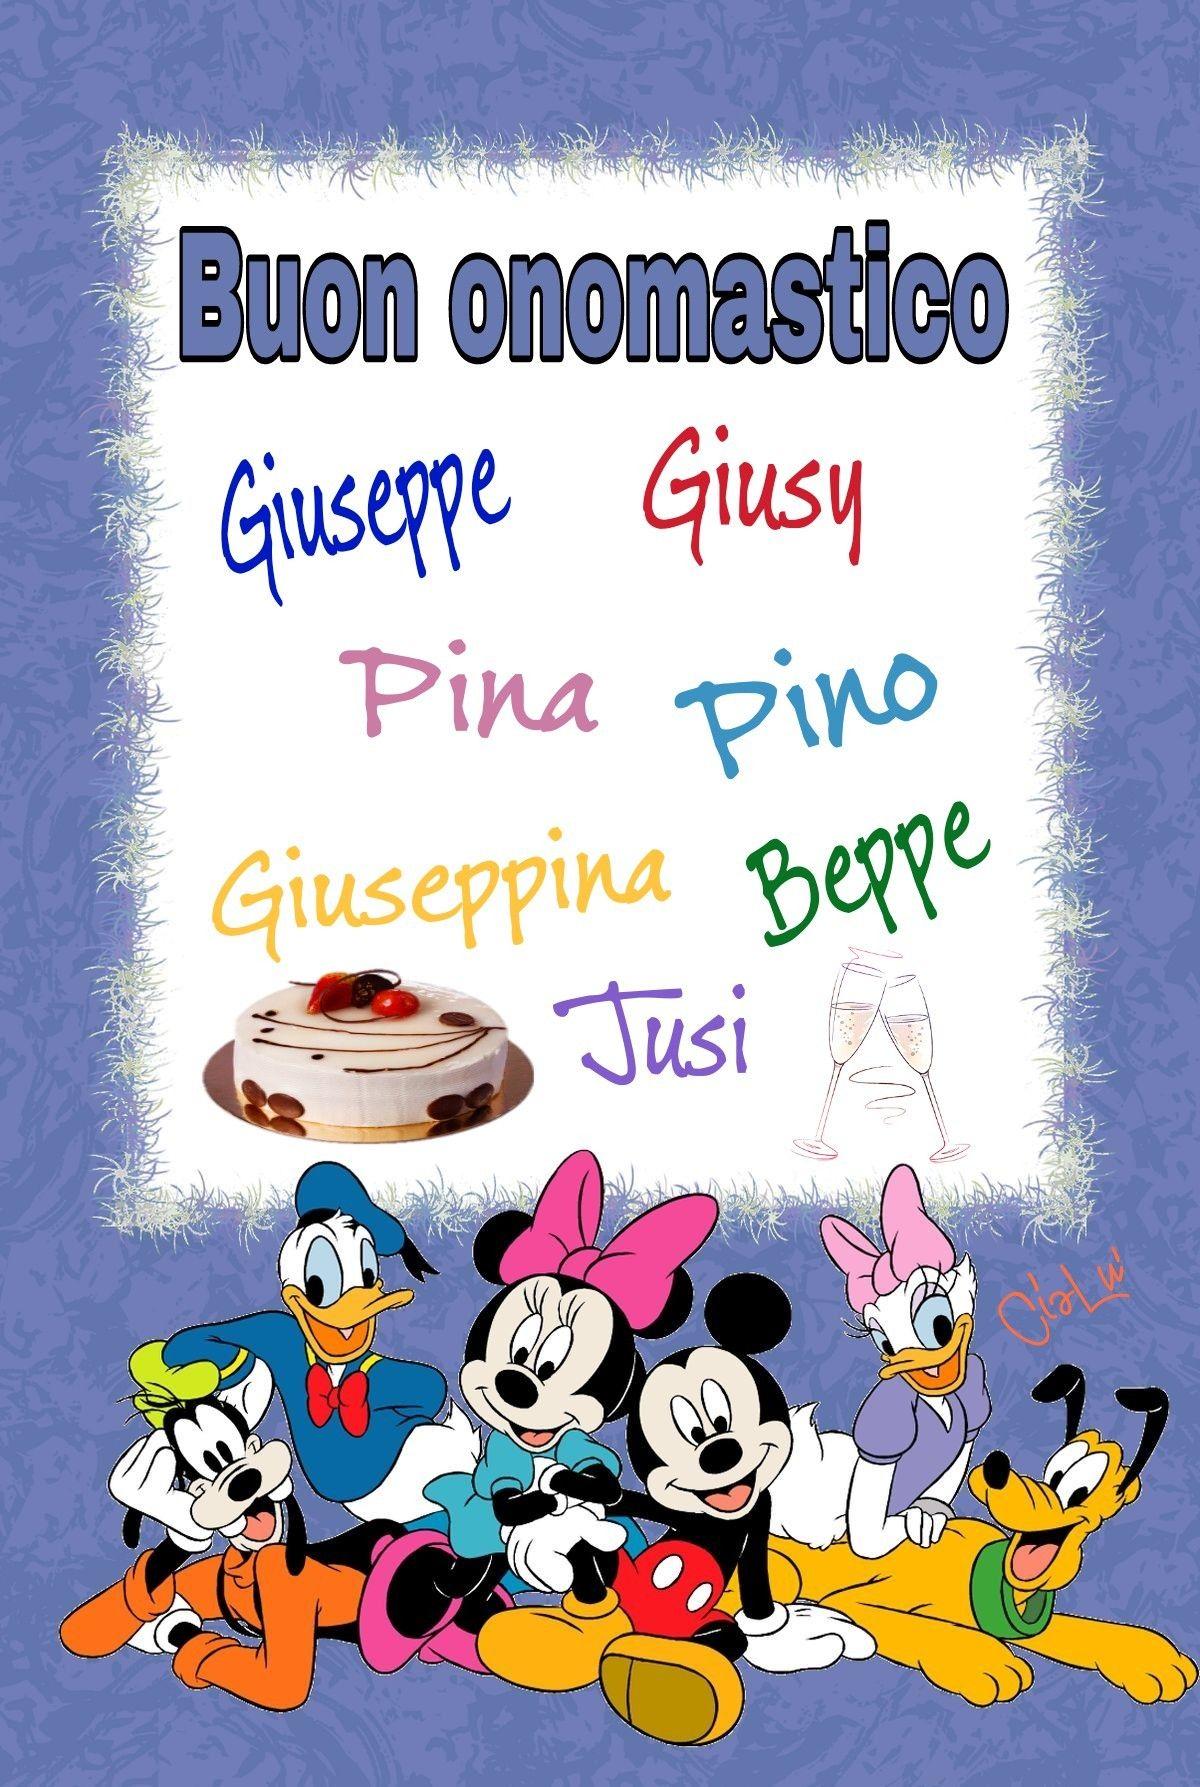 Buon Onomastico Giuseppe Pina Pino Buon Onomastico